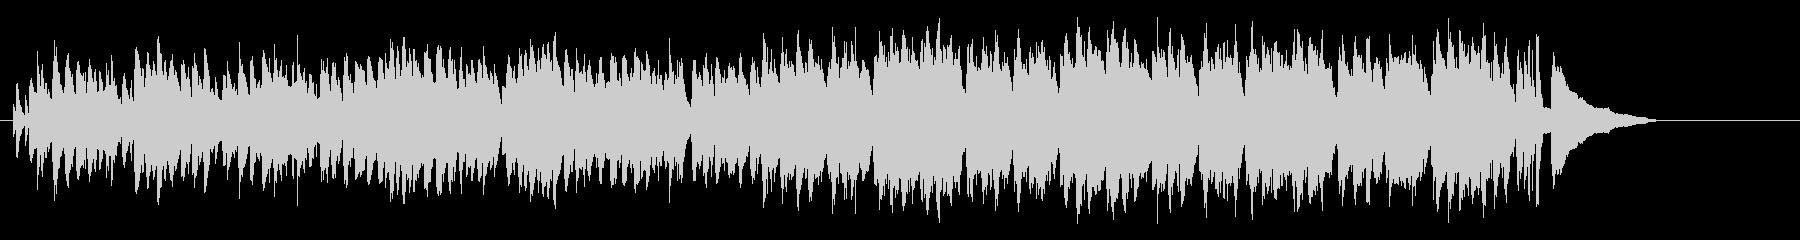 スウィンギーなテーマ風のジャズ・サウンドの未再生の波形